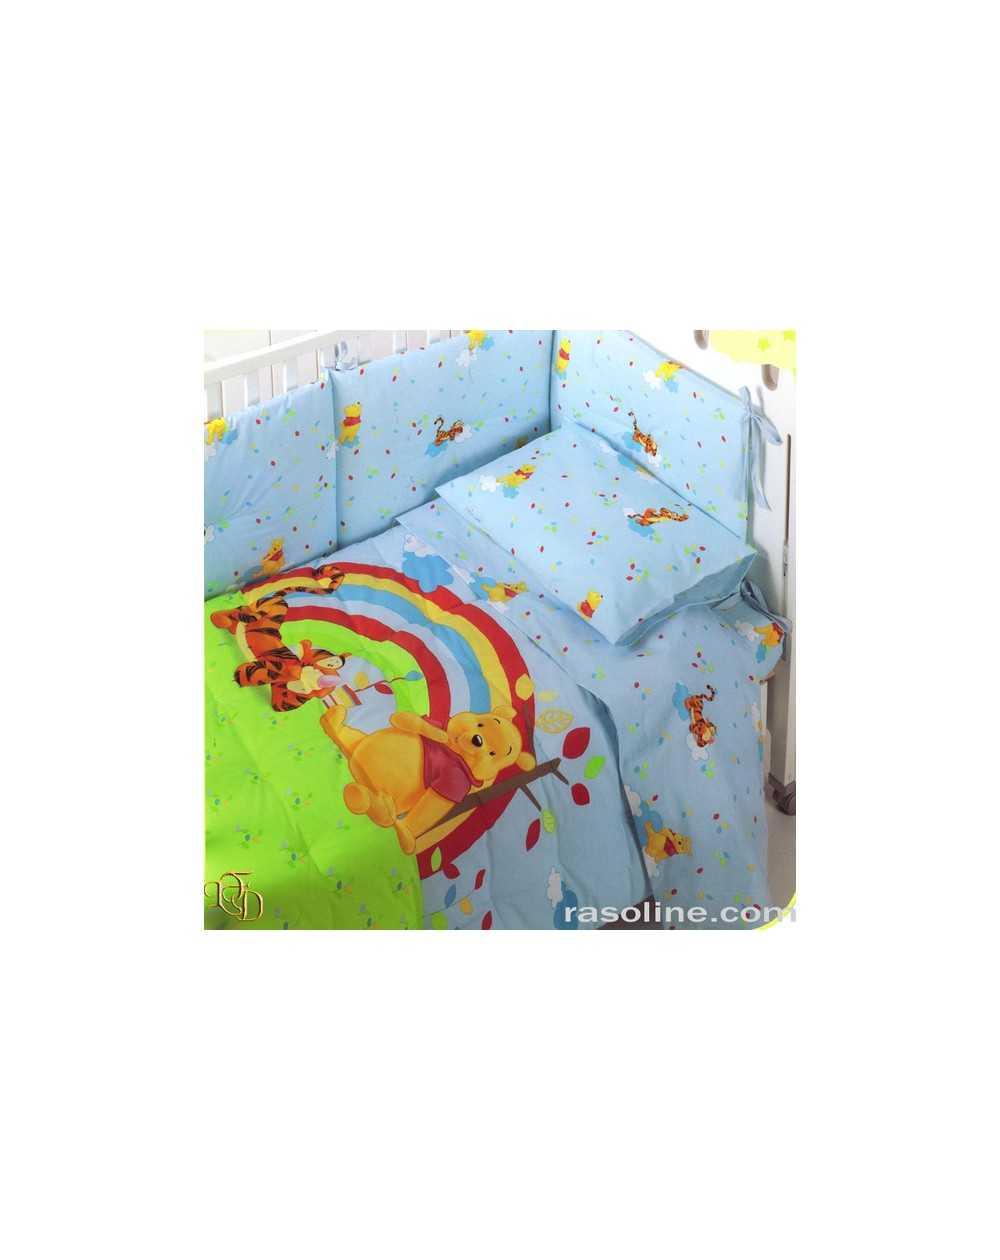 Trapunta Lettino Winnie The Pooh.Trapunta Paracolpi Per Lettino Winnie The Pooh Relax Caleffi In Azzurro Giallino E Lilla